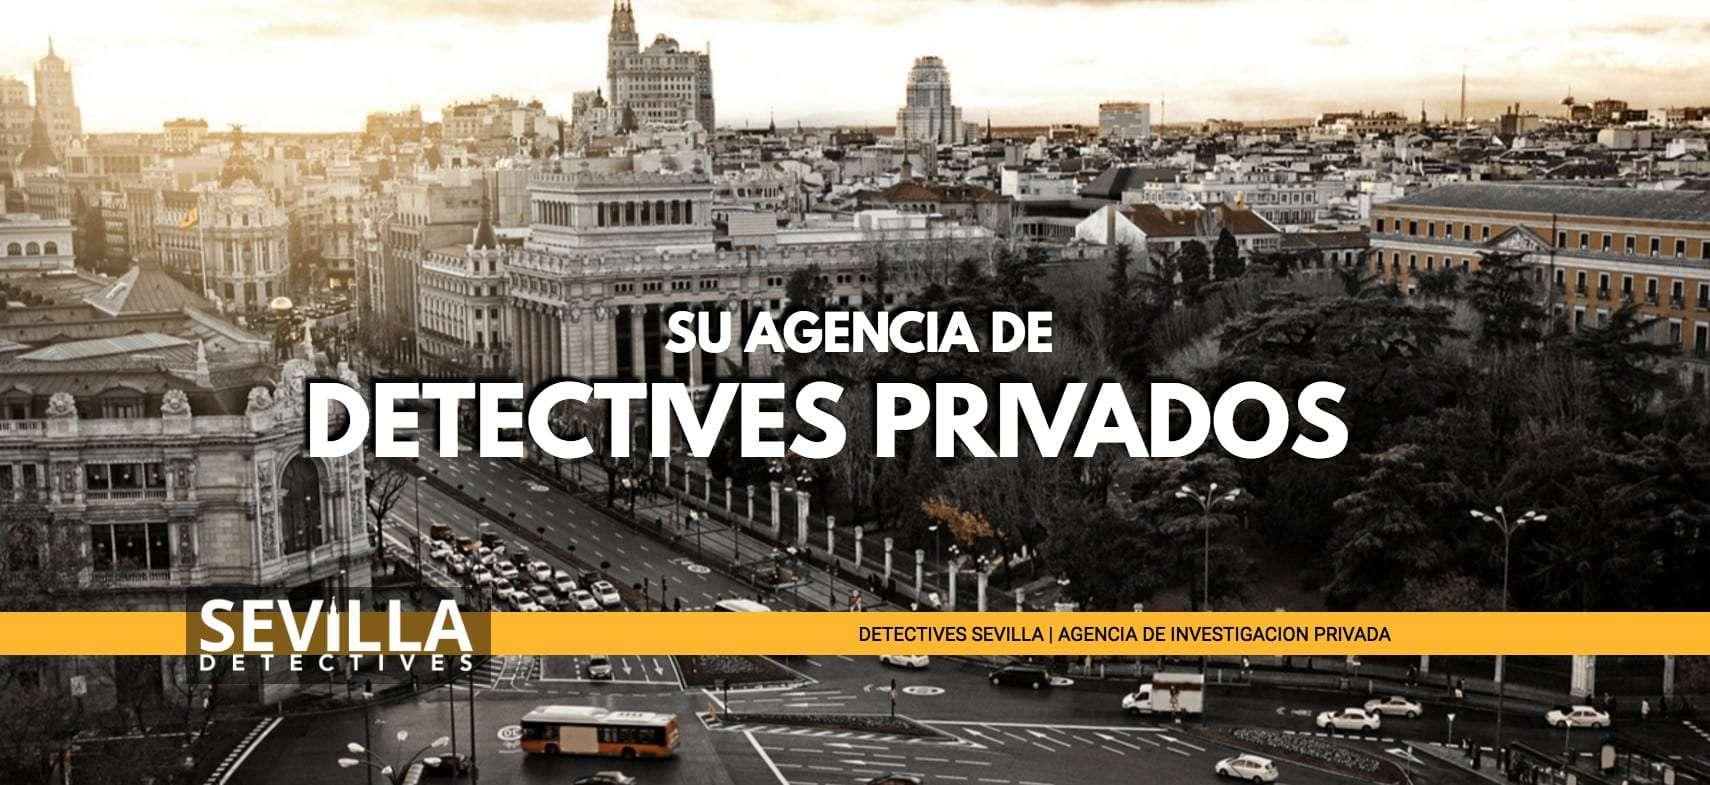 Detectives sevilla agencia de detectives privados for Registro de bienes muebles de valencia